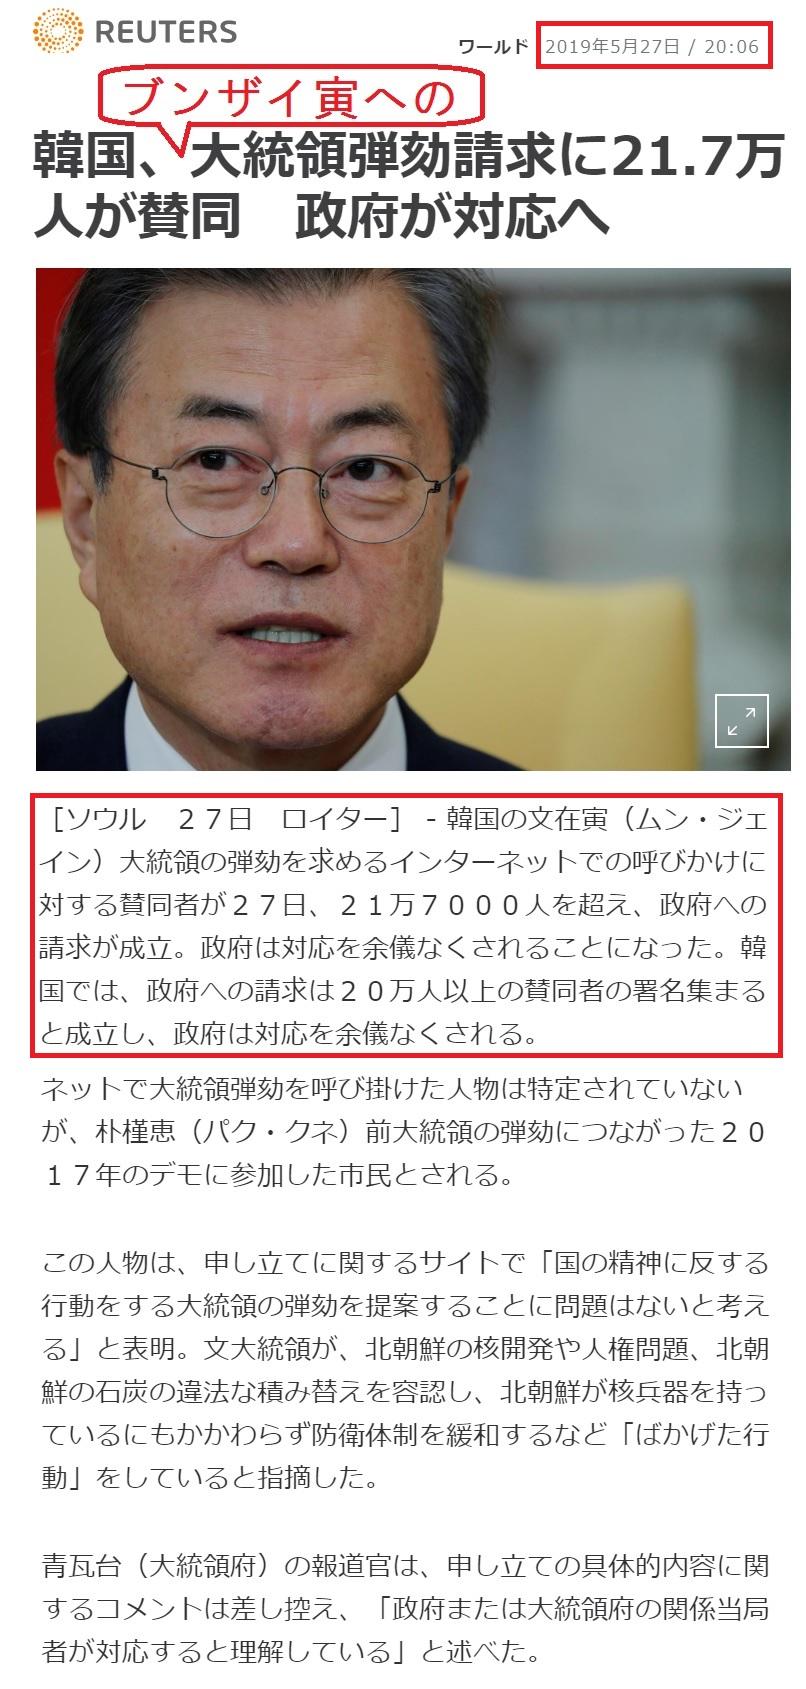 ブンザイ寅に対して朝鮮人21万7千人が弾劾請求